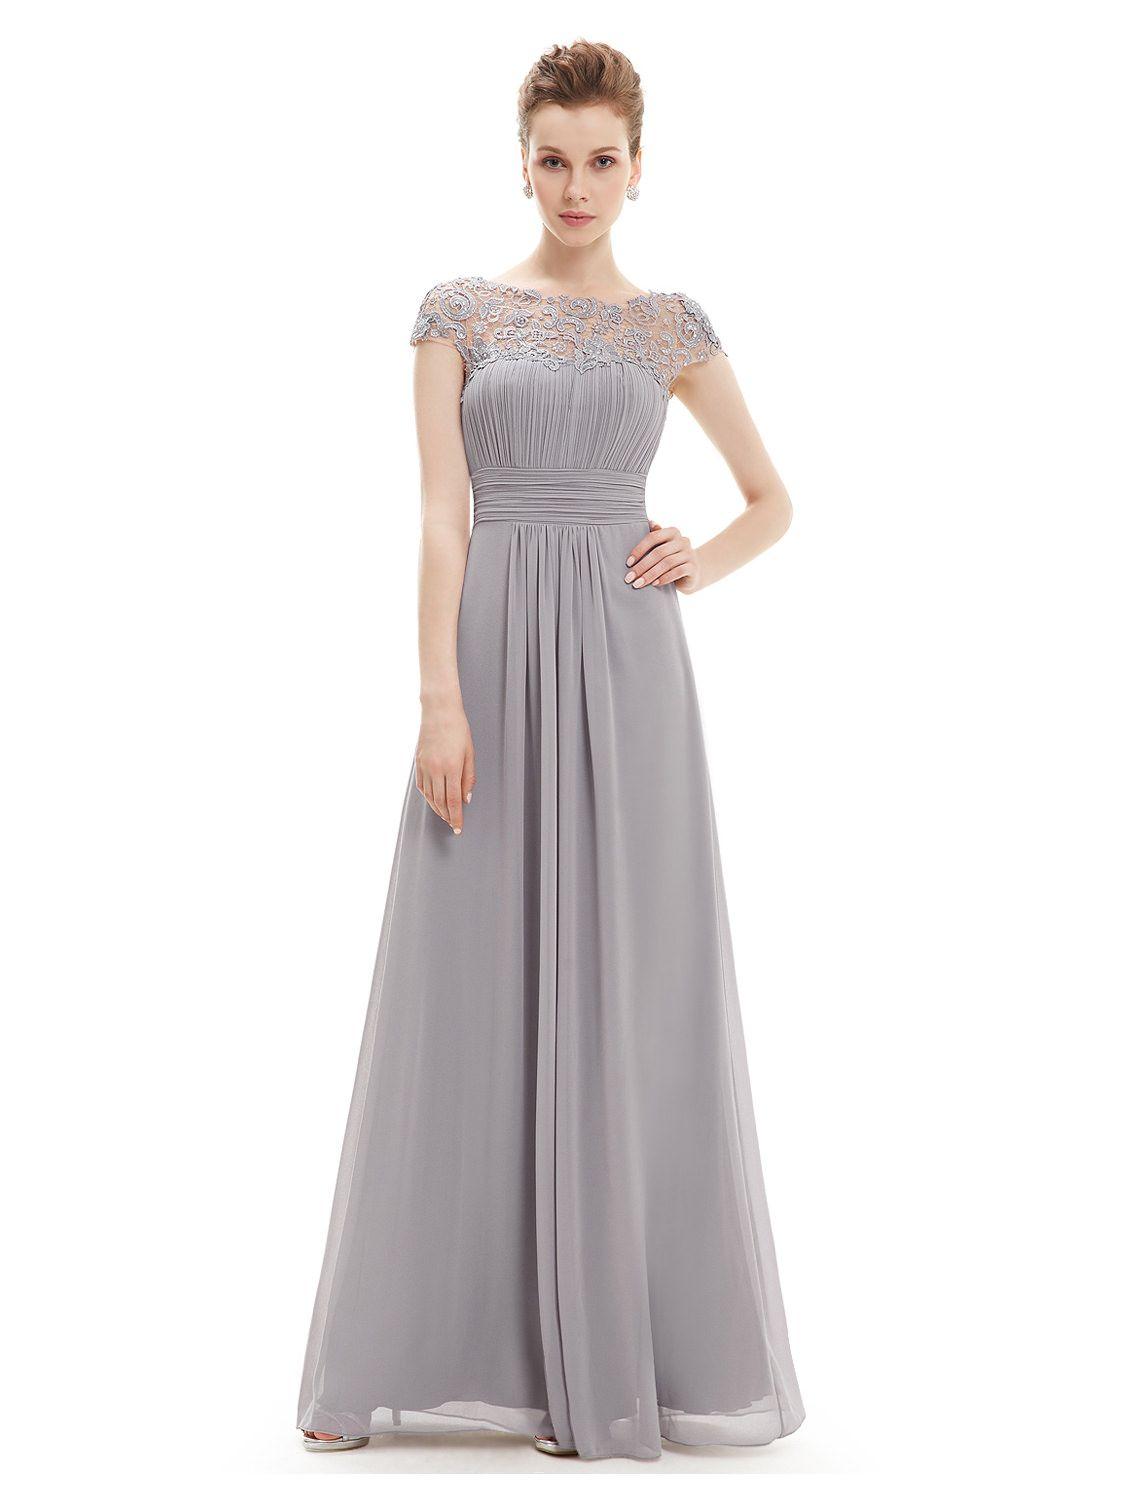 Langes abendkleid in grau - Stylische Kleider für jeden tag